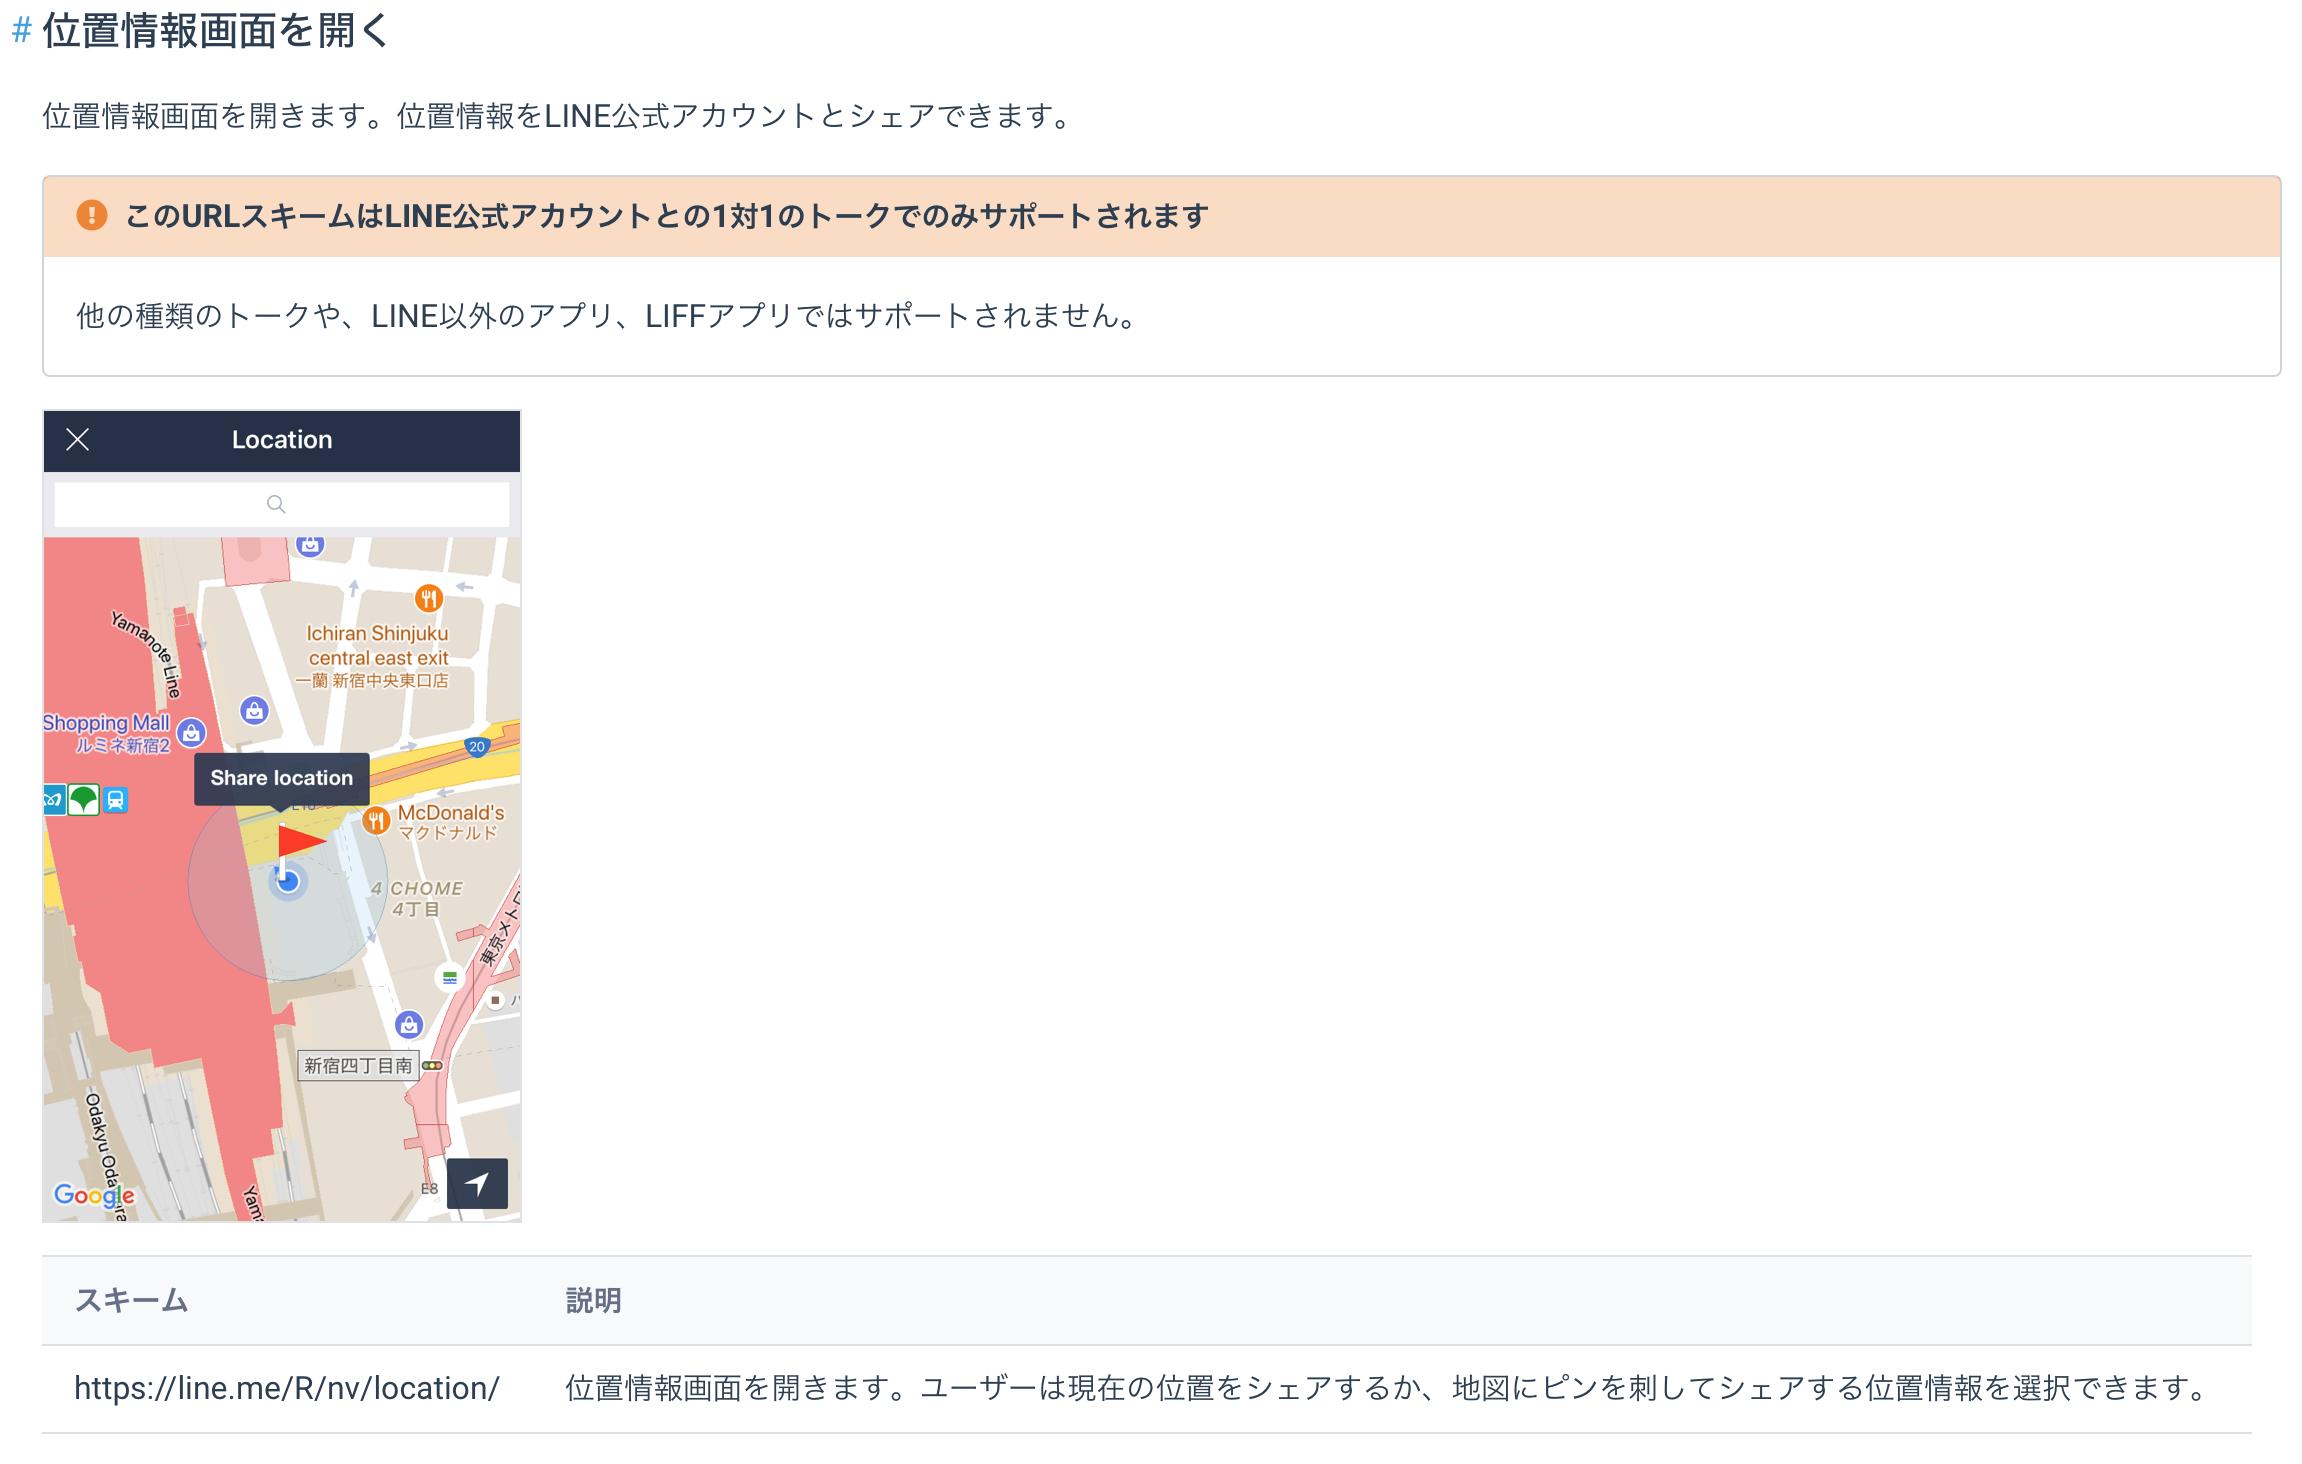 スクリーンショット 2020-03-25 23.03.19.png